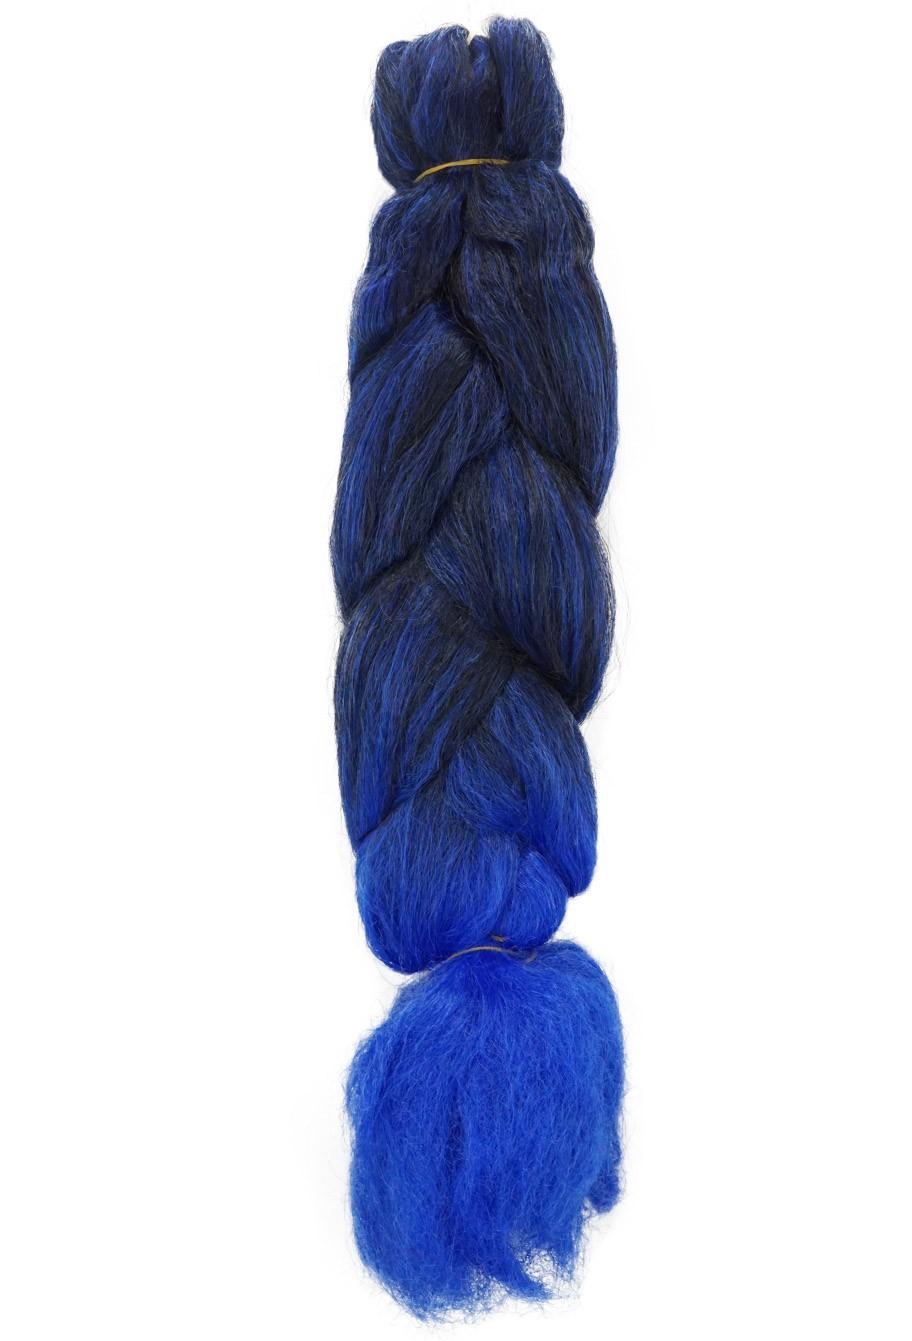 Jumbo - Pacotão Modern Girl (400g) - Cor: Castanho Escuro com Azul (T1B/AZUL)